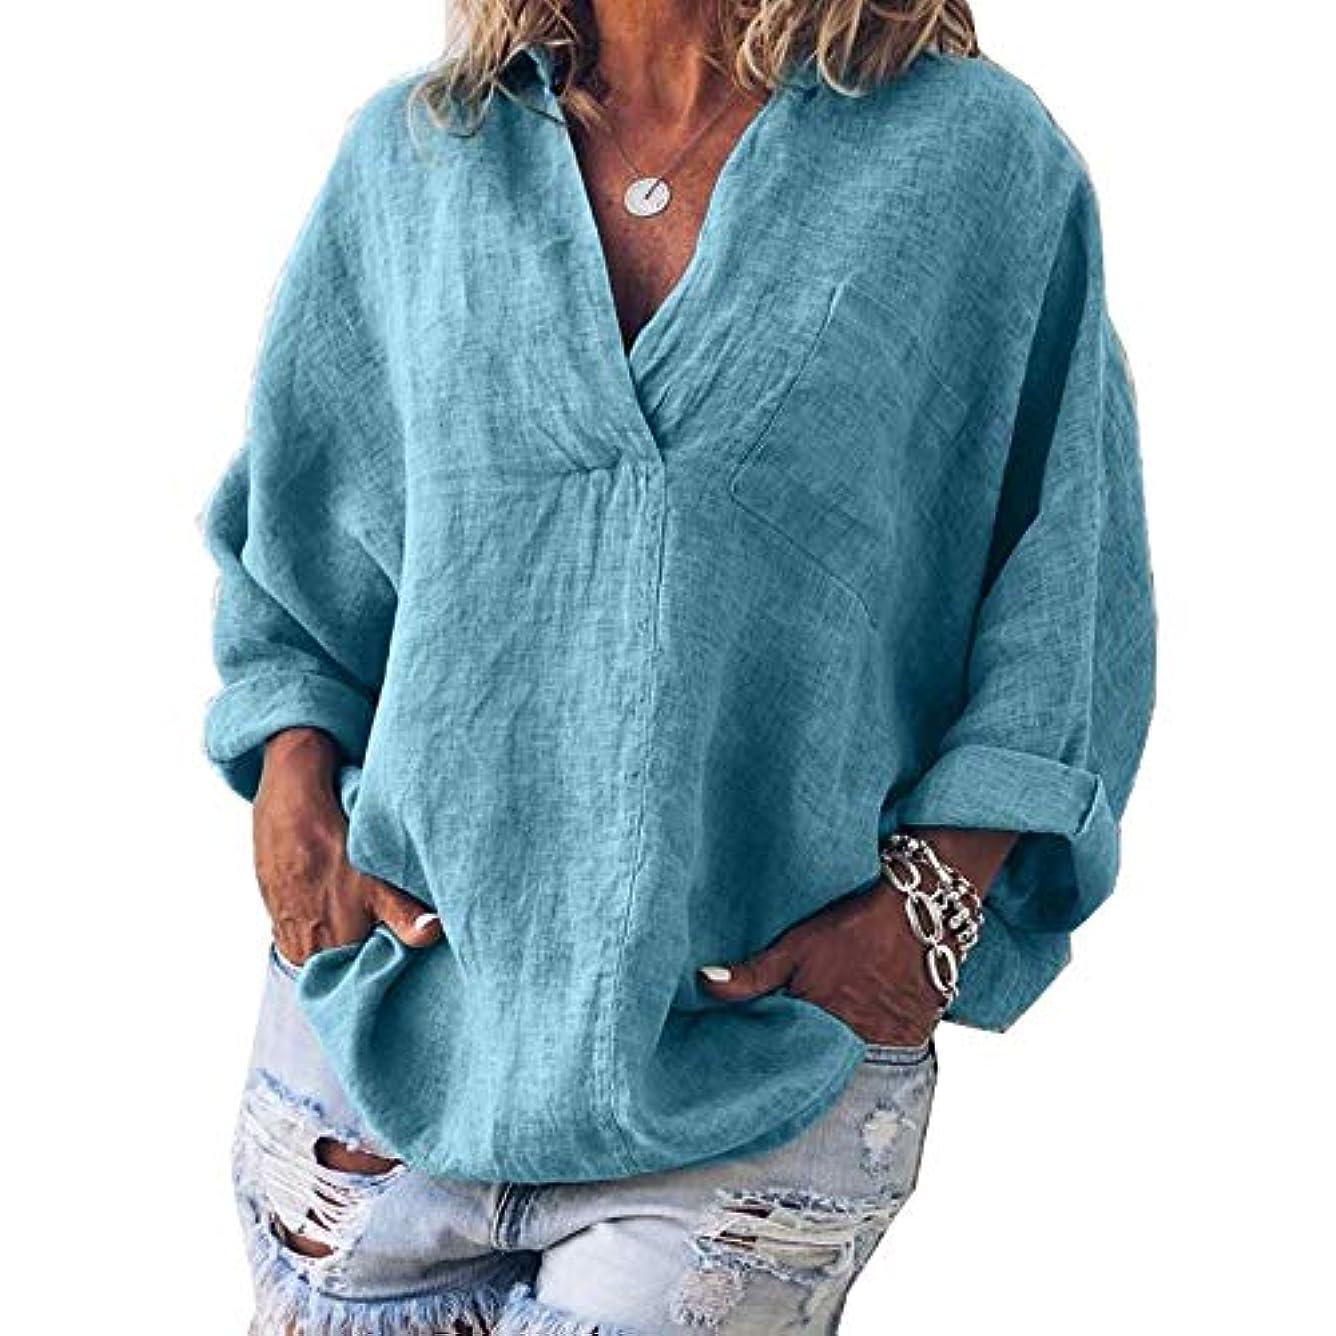 扇動新しさ事業内容MIFAN女性ファッション春夏チュニックトップス深いVネックTシャツ長袖プルオーバールーズリネンブラウス